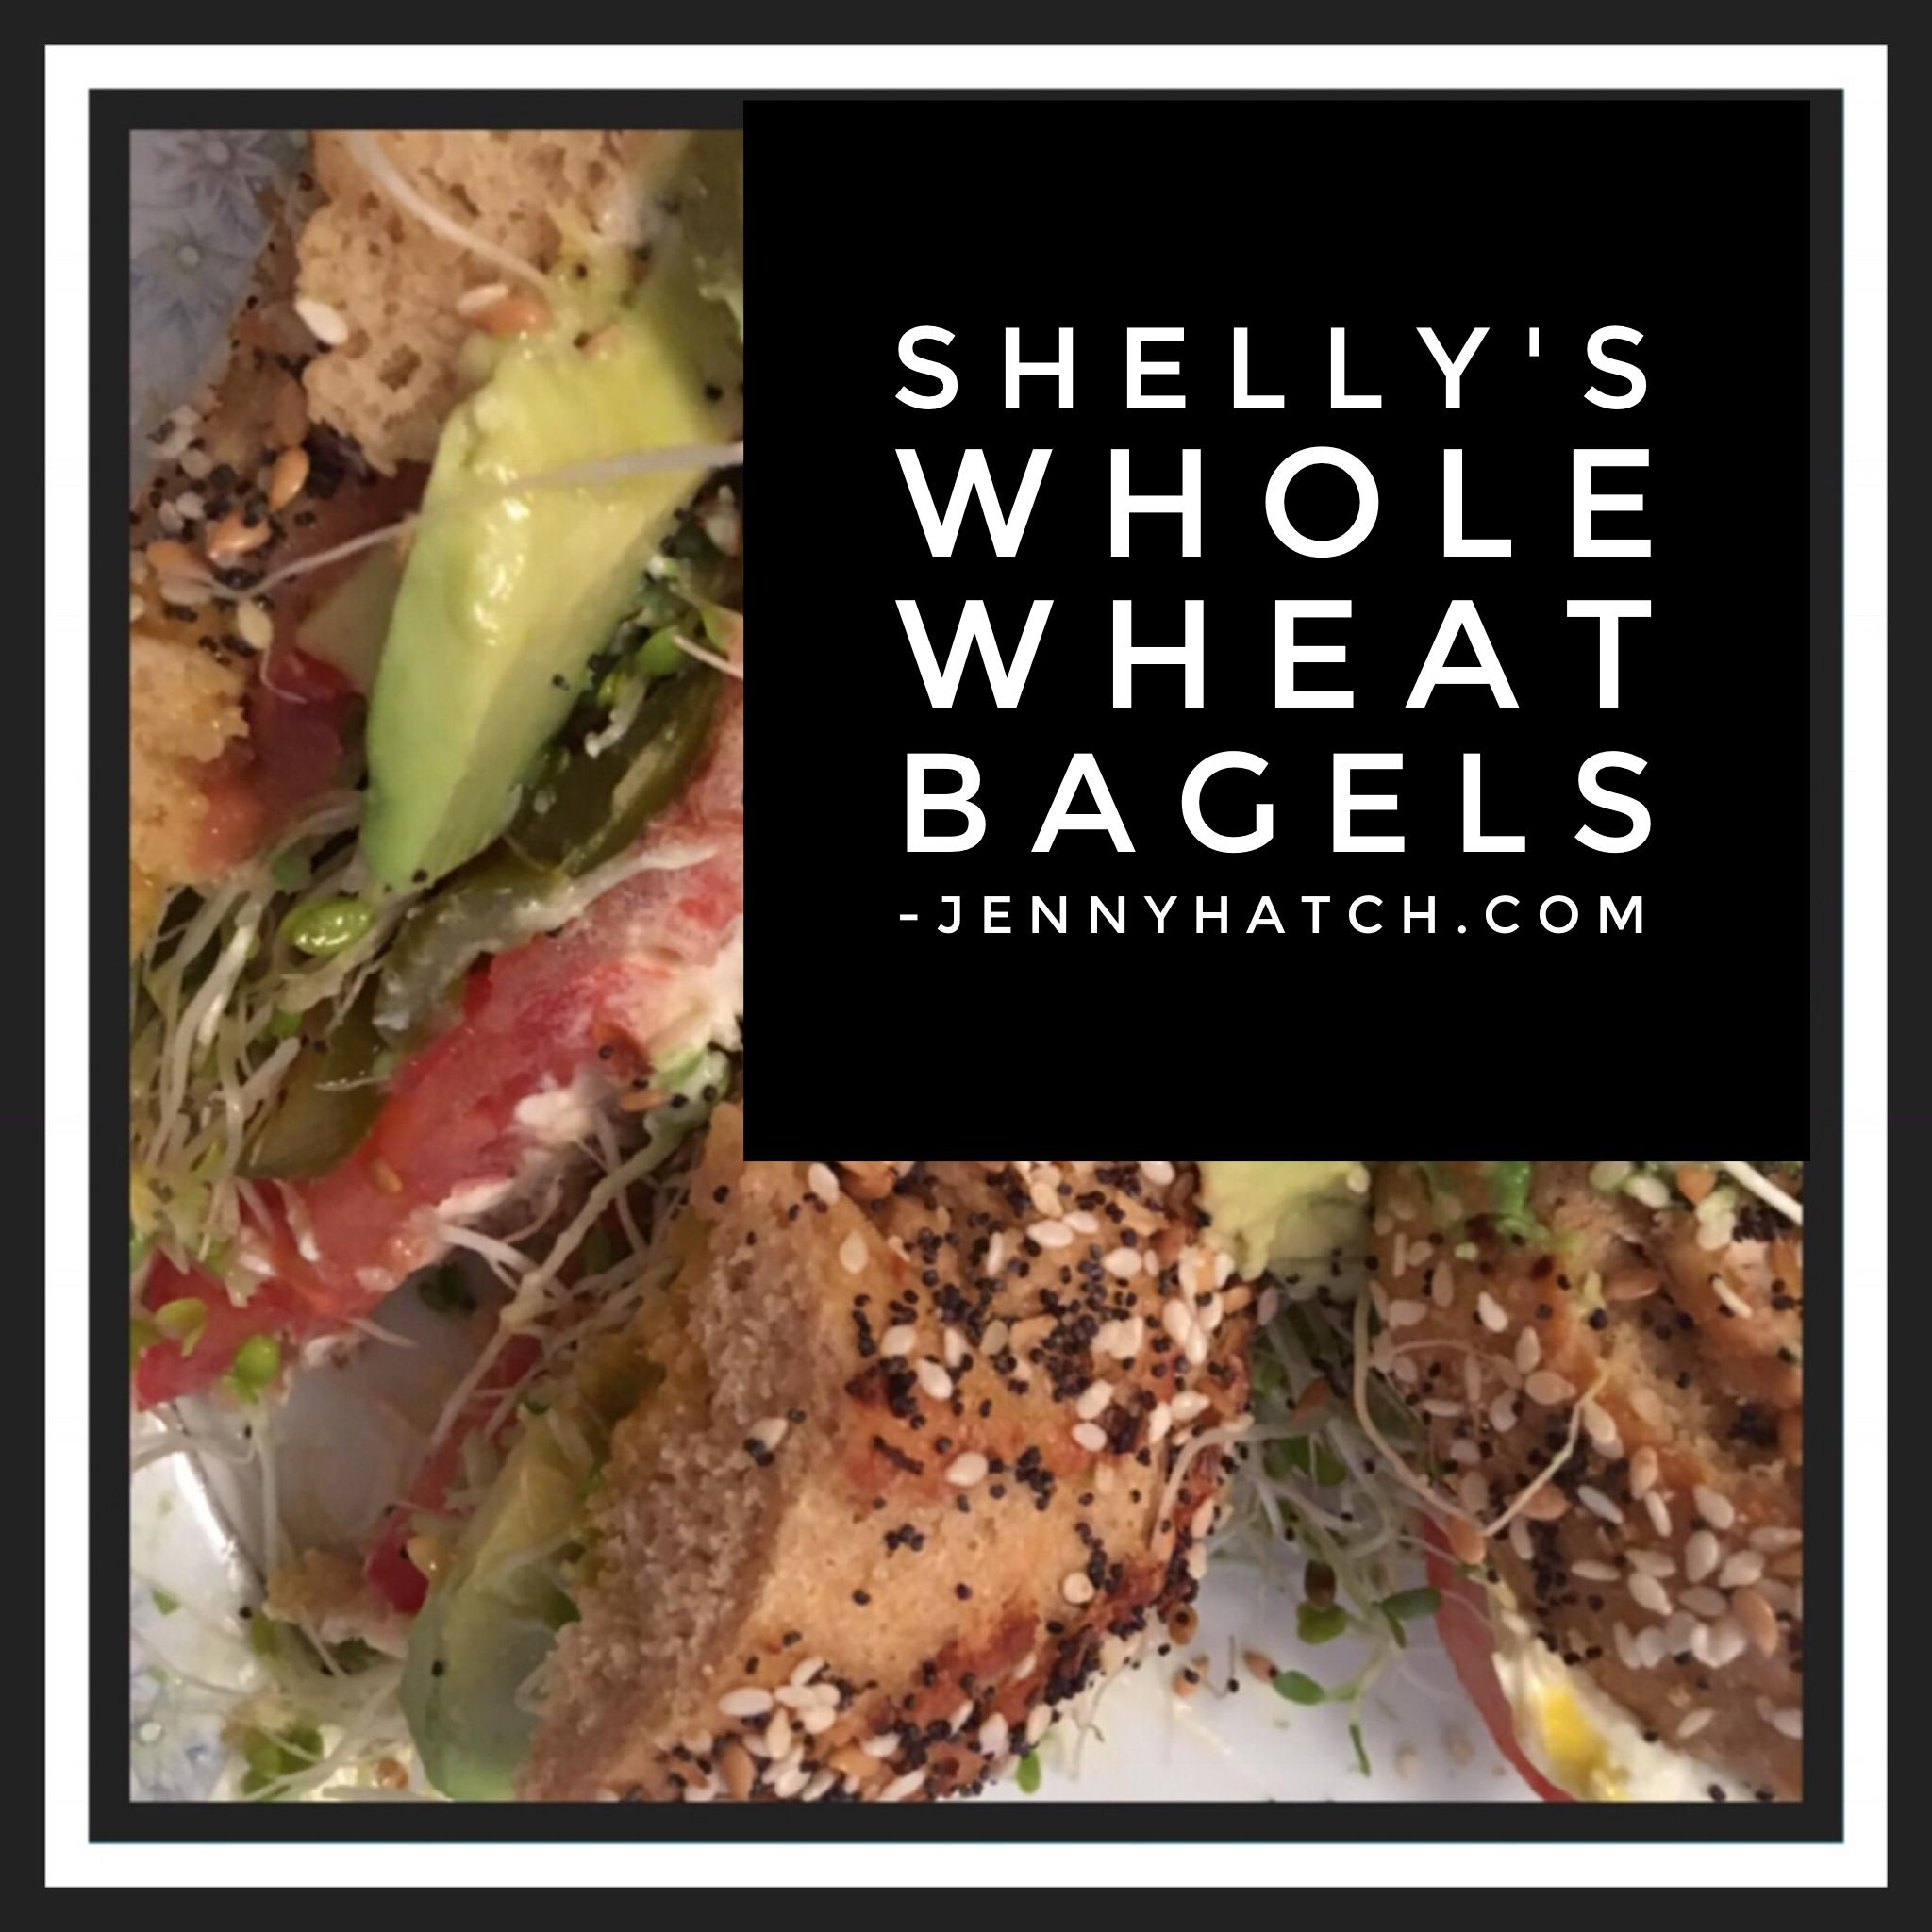 Shelly's Whole Grain Bagels @JennyHatch